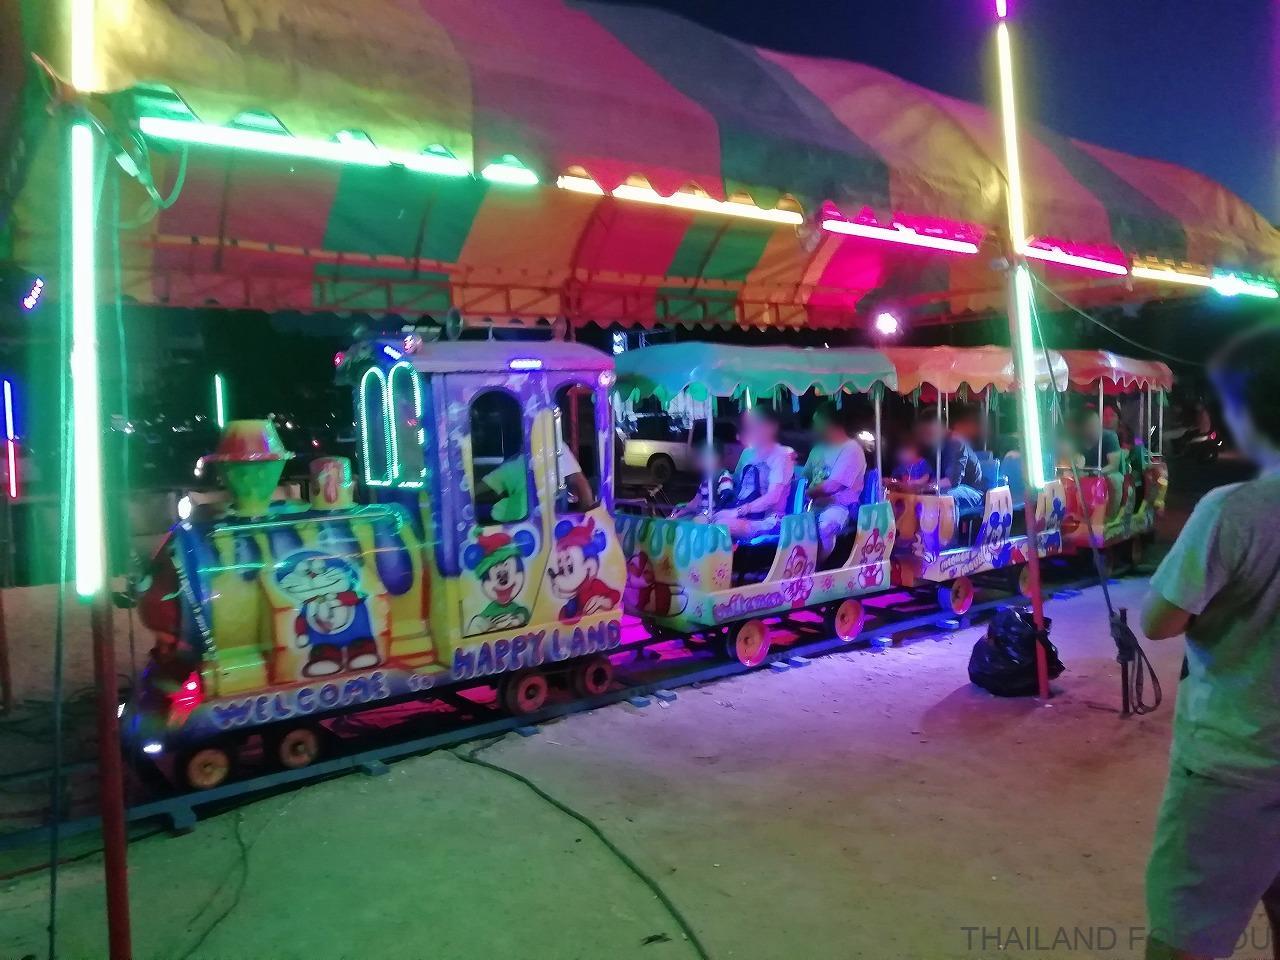 ムクダハーン 遊園地 ナイトマーケット タイ